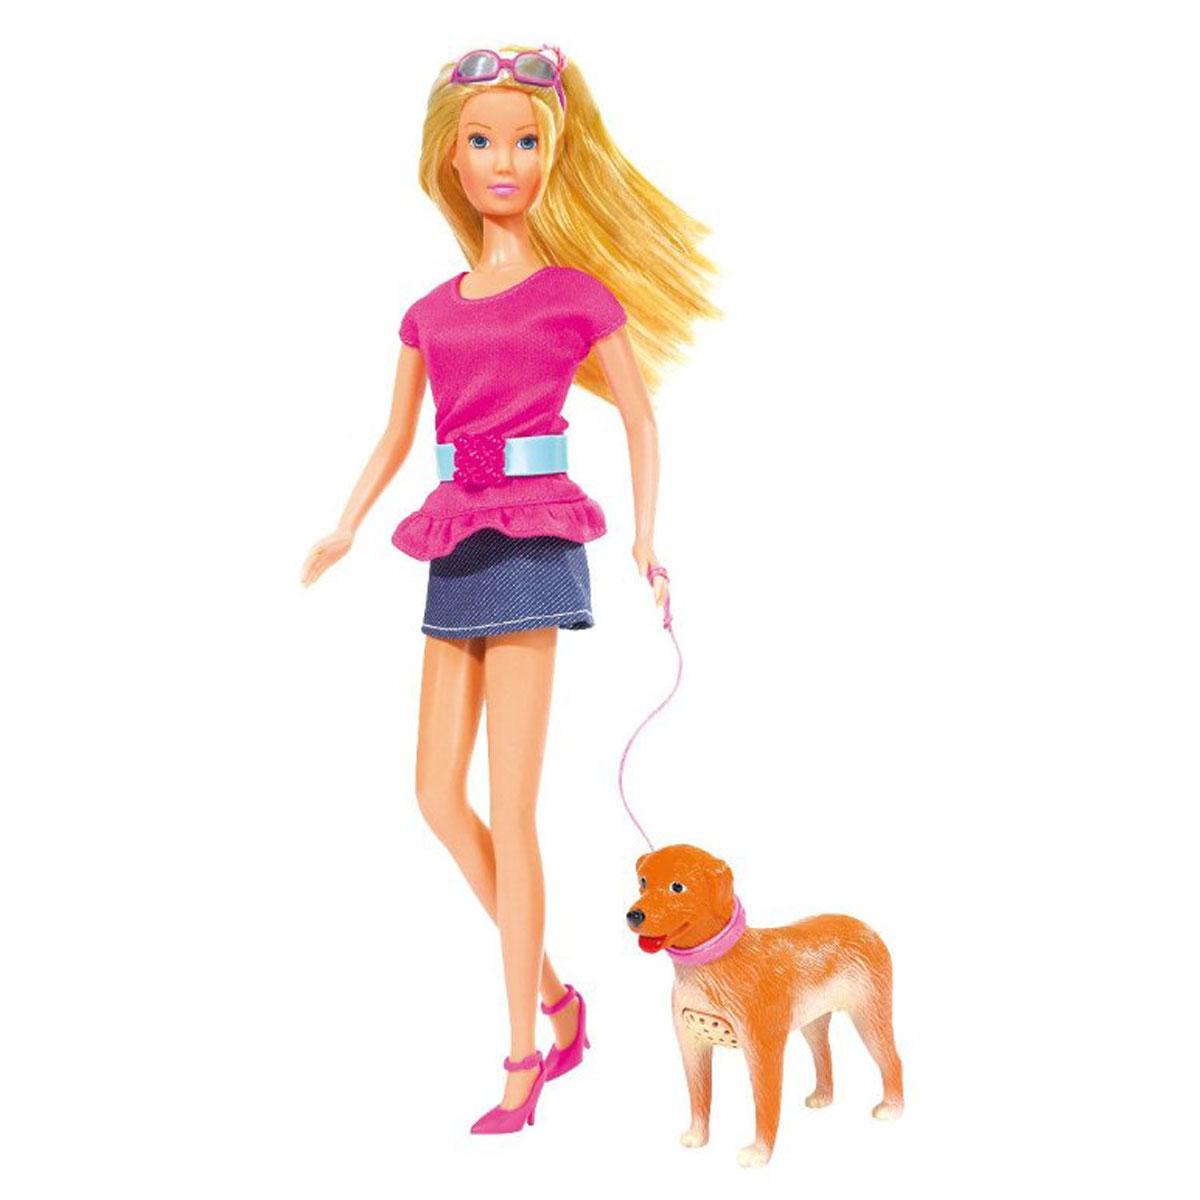 Simba Кукла Штеффи с собачкой5739051Кукла Simba Штеффи с собачкой надолго займет внимание вашей малышки и подарит ей множество счастливых мгновений. Кукла изготовлена из пластика, ее голова, ручки и ножки подвижны, что позволяет придавать ей разнообразные позы. В комплекте с куклой идет собачка на поводке. При нажатии на голову собачки, она издает звуки. Кукла одета в юбочку и блузку с ремешком. Наряд дополняют очки и розовые туфельки. Чудесные длинные волосы куклы так весело расчесывать и создавать из них всевозможные прически, плести косички и хвостики. Благодаря играм с куклой, ваша малышка сможет развить фантазию и любознательность, овладеть навыками общения и научиться ответственности, а дополнительные аксессуары сделают игру еще увлекательнее. Порадуйте свою принцессу таким прекрасным подарком!